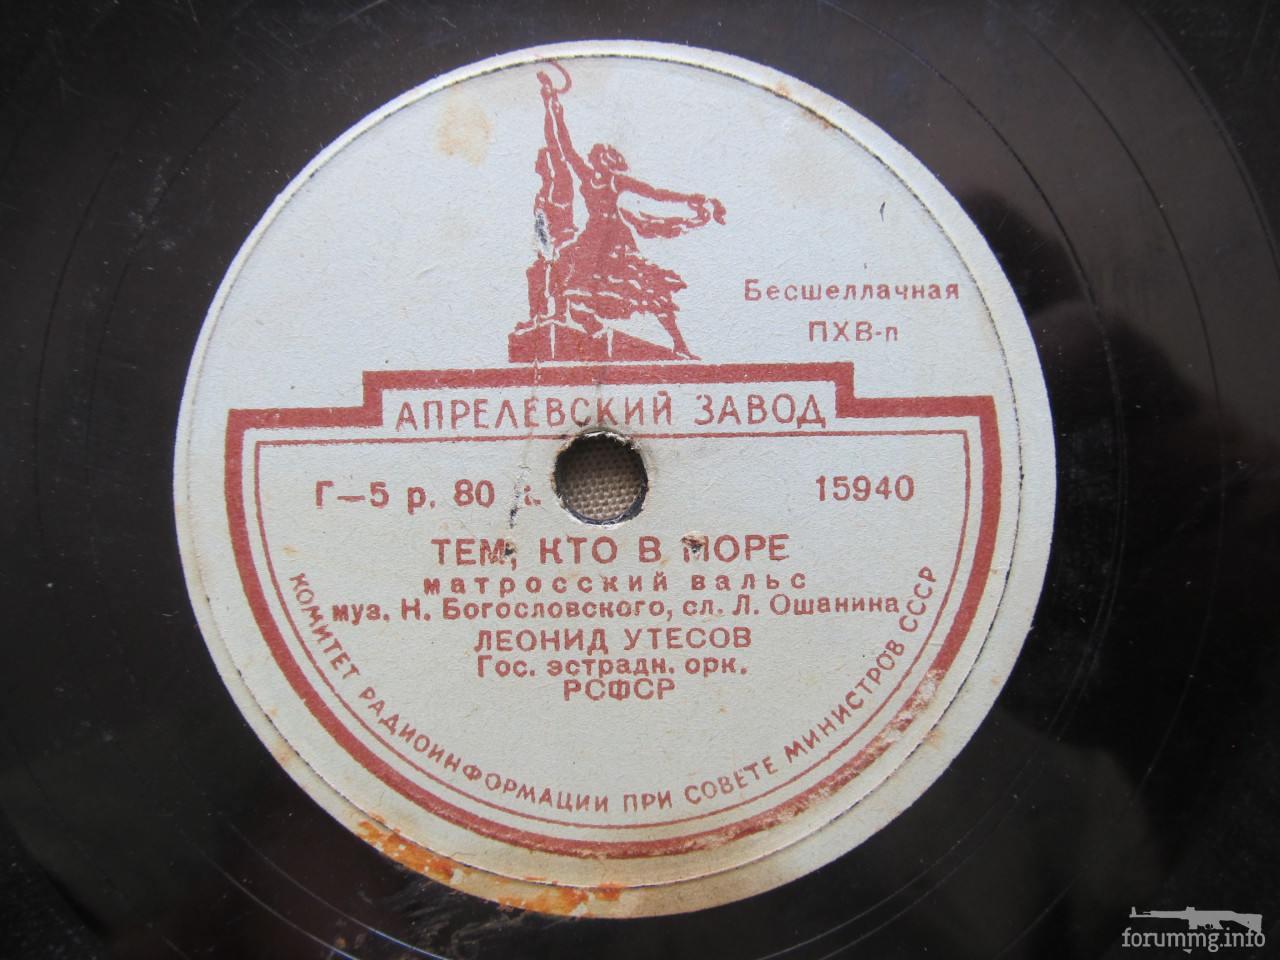 138246 - Міні-колекція патефонних пластів